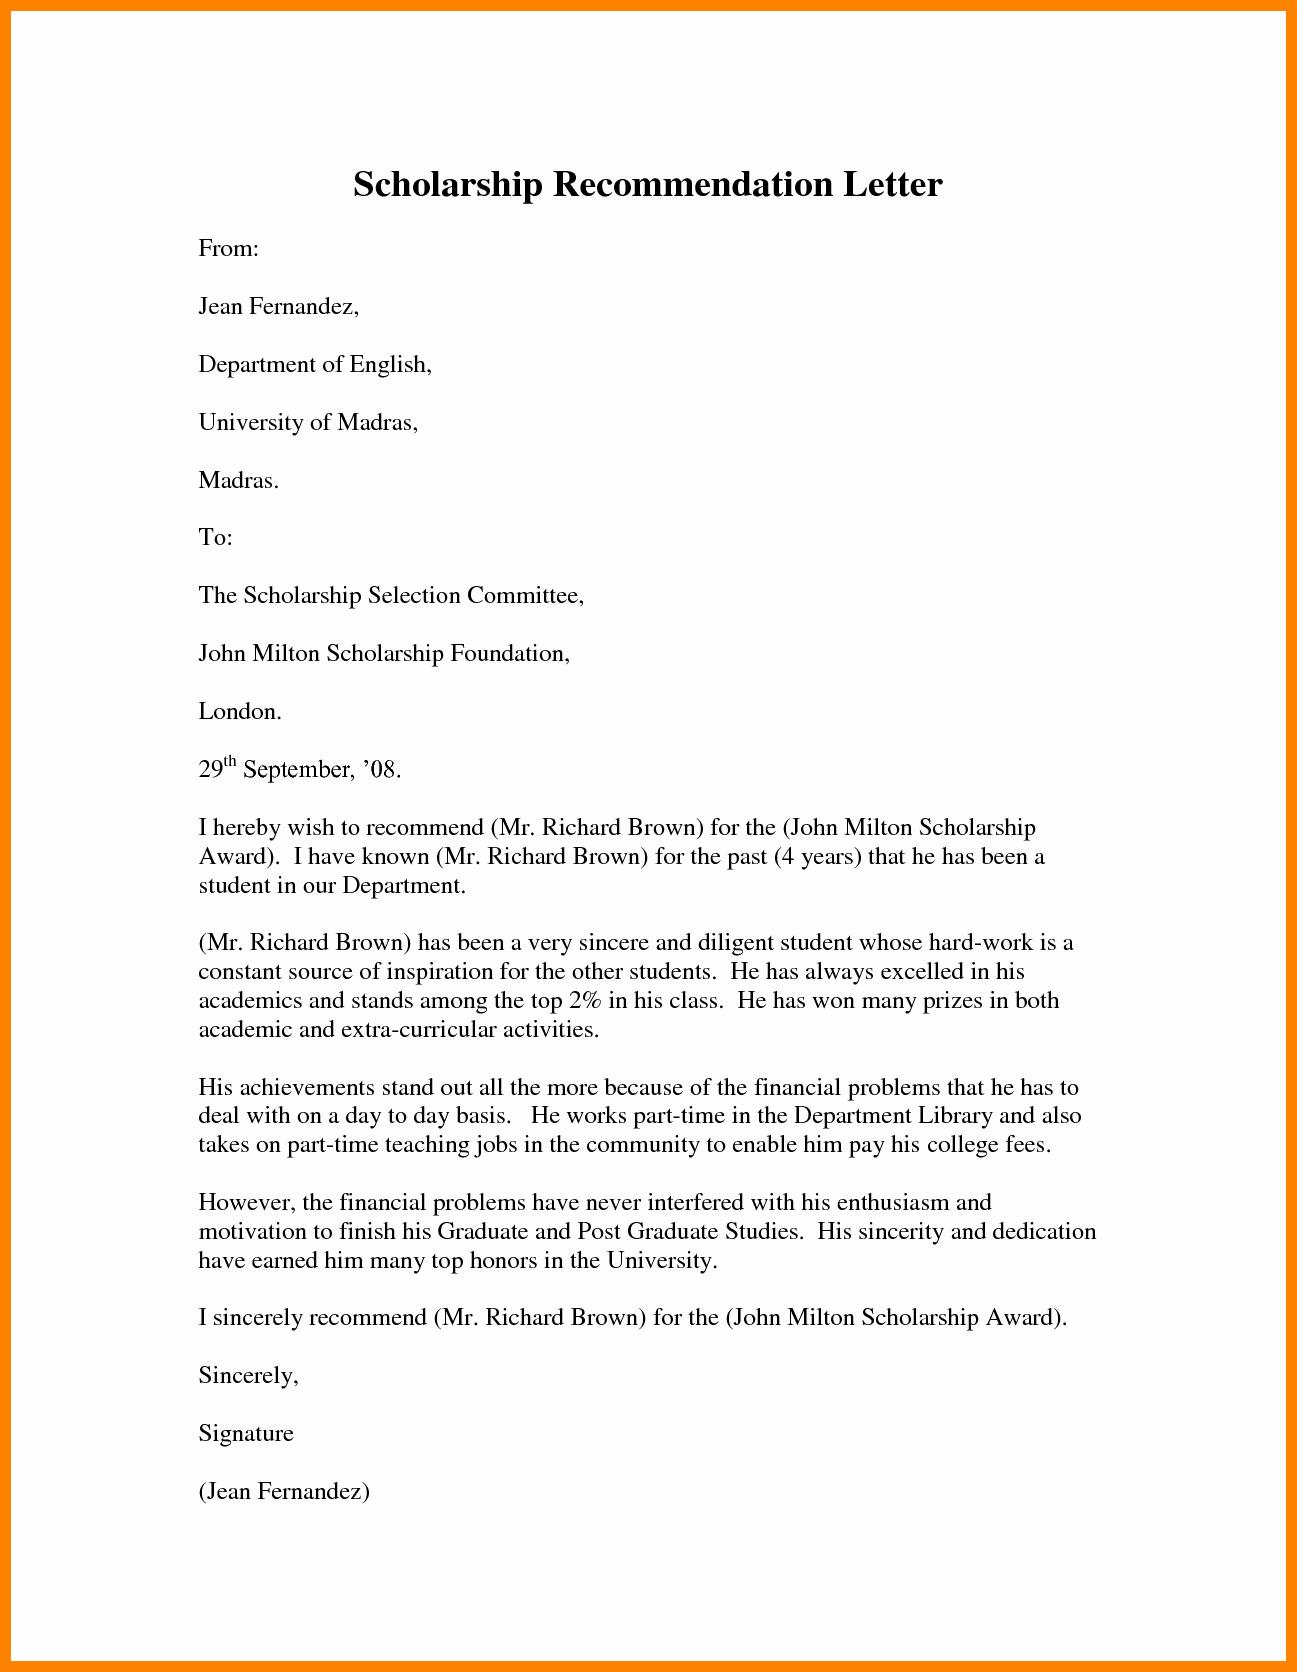 Scholarship Recommendation Letter Template Fresh 5 Re Mendation Letter Sample for Student Scholarship